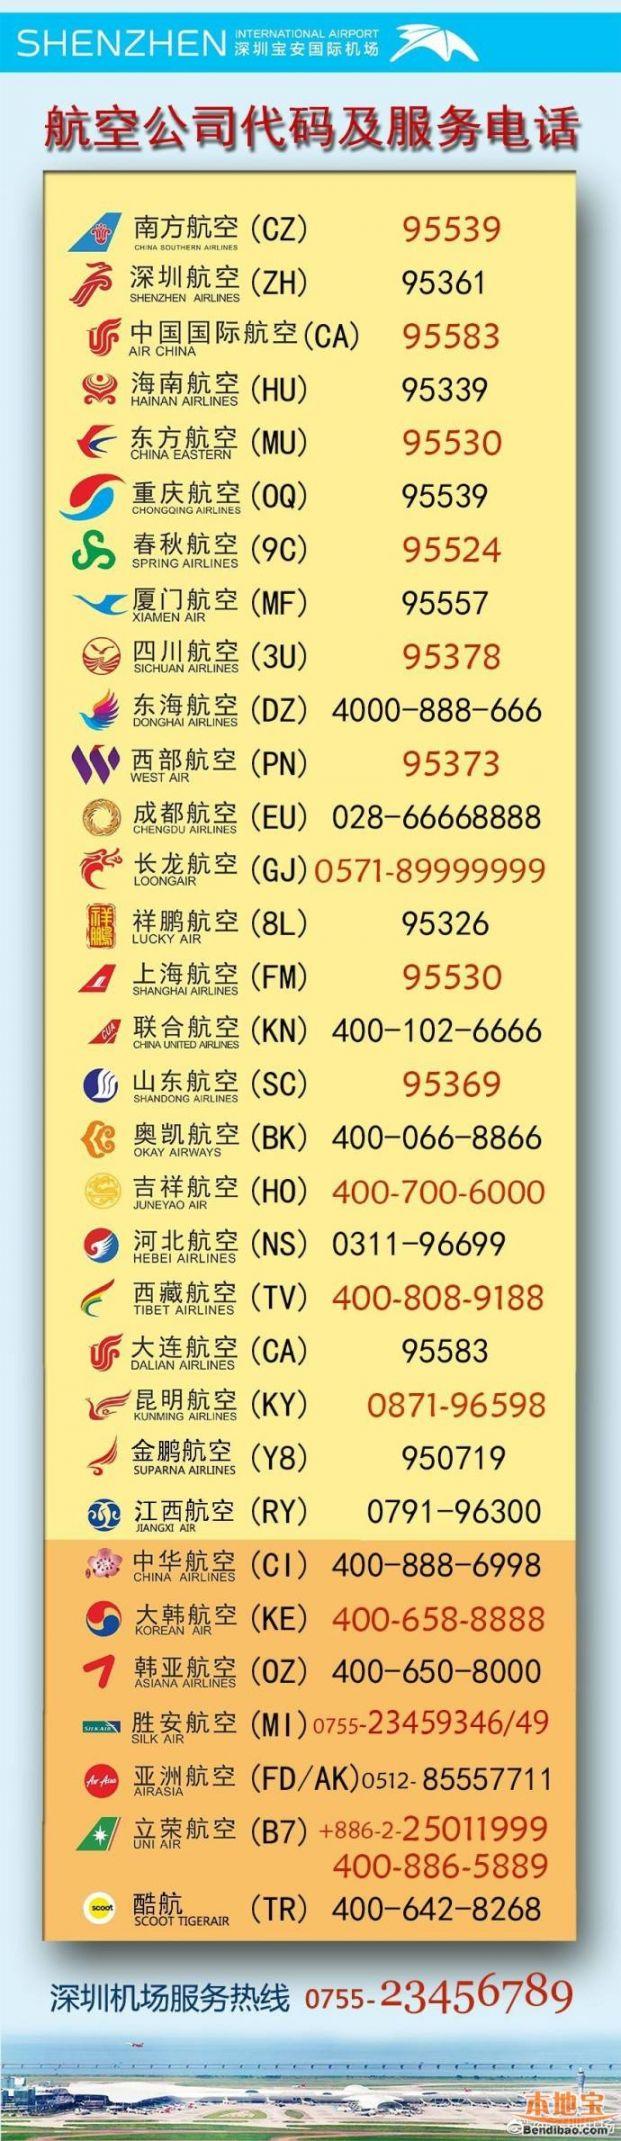 """超强台风""""山竹""""对深圳交通影响(铁路 公路 水运 航空)"""